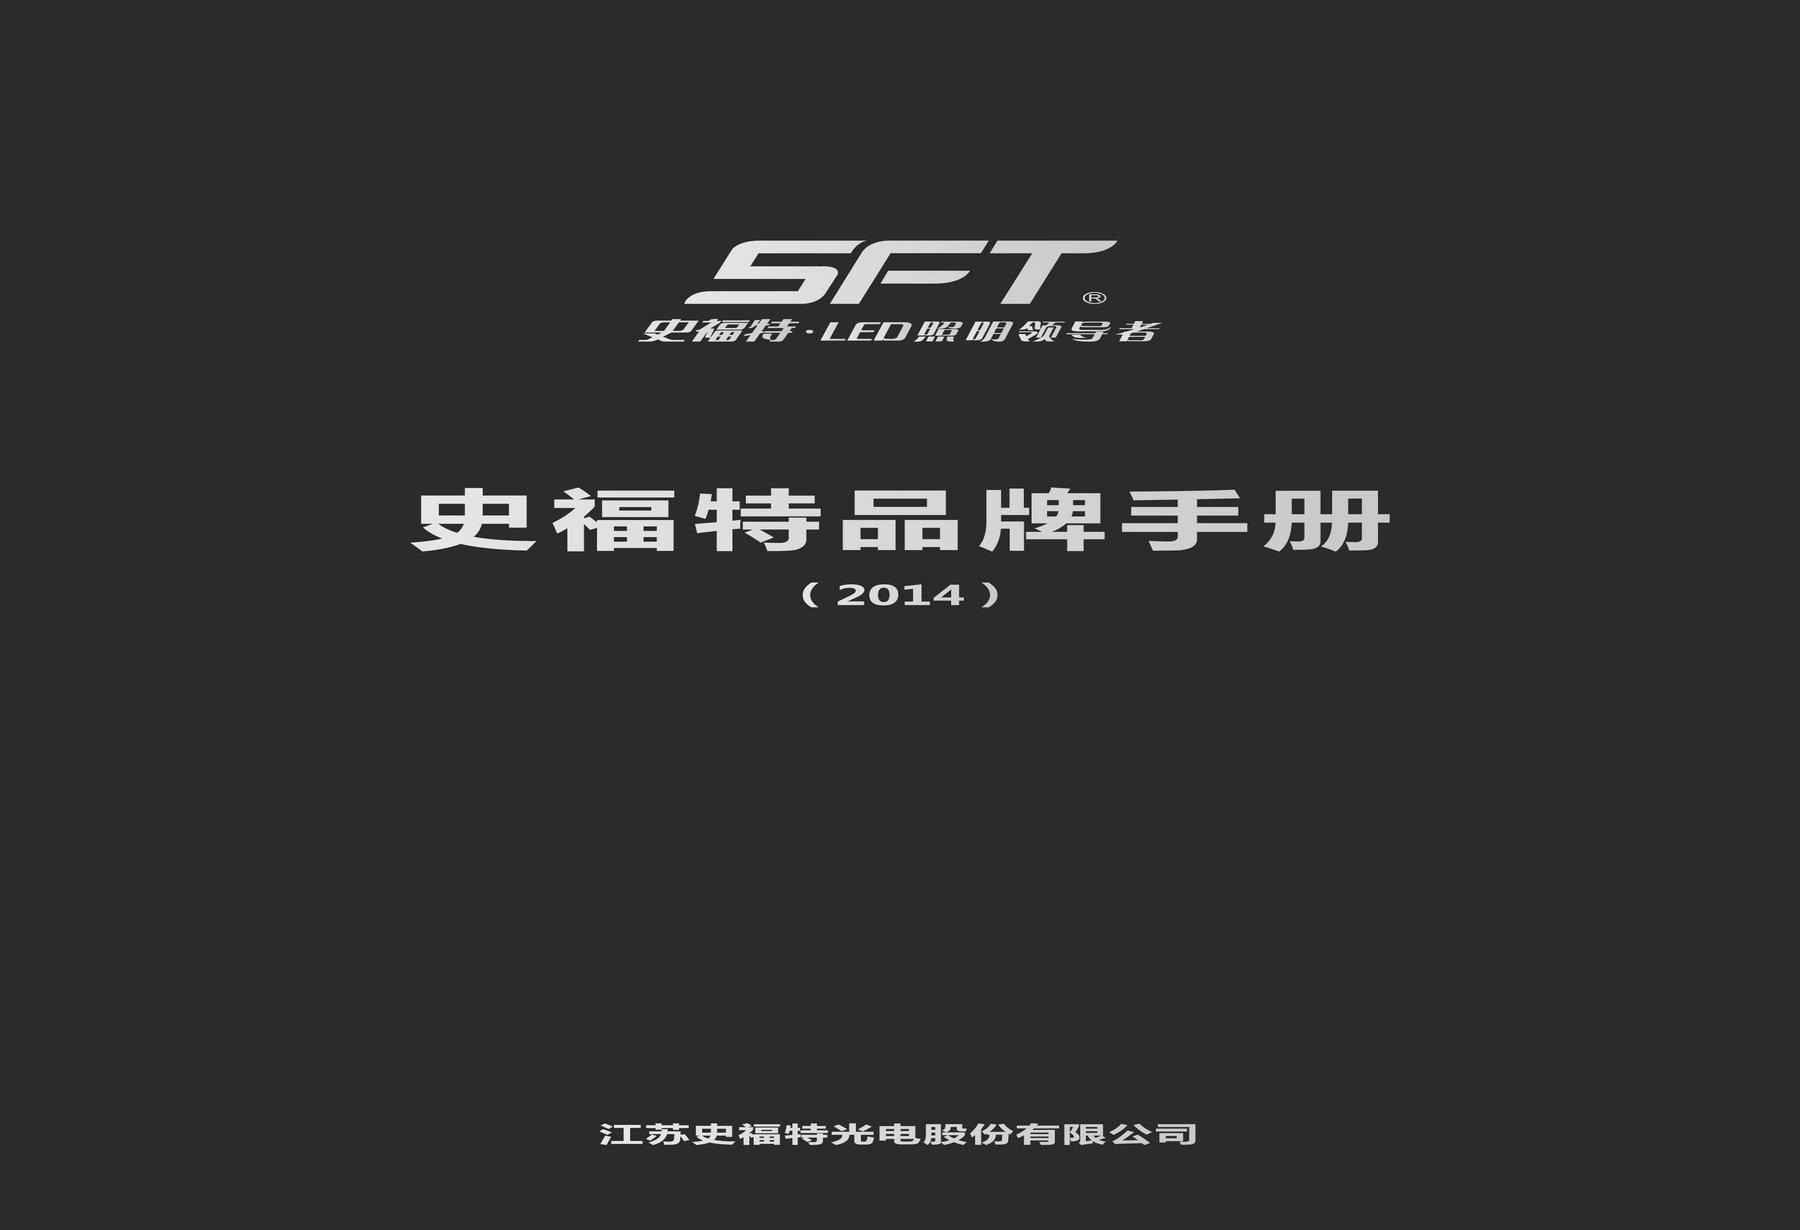 史福特manbetx官方网站登录室内manbetx官方网站登录2014